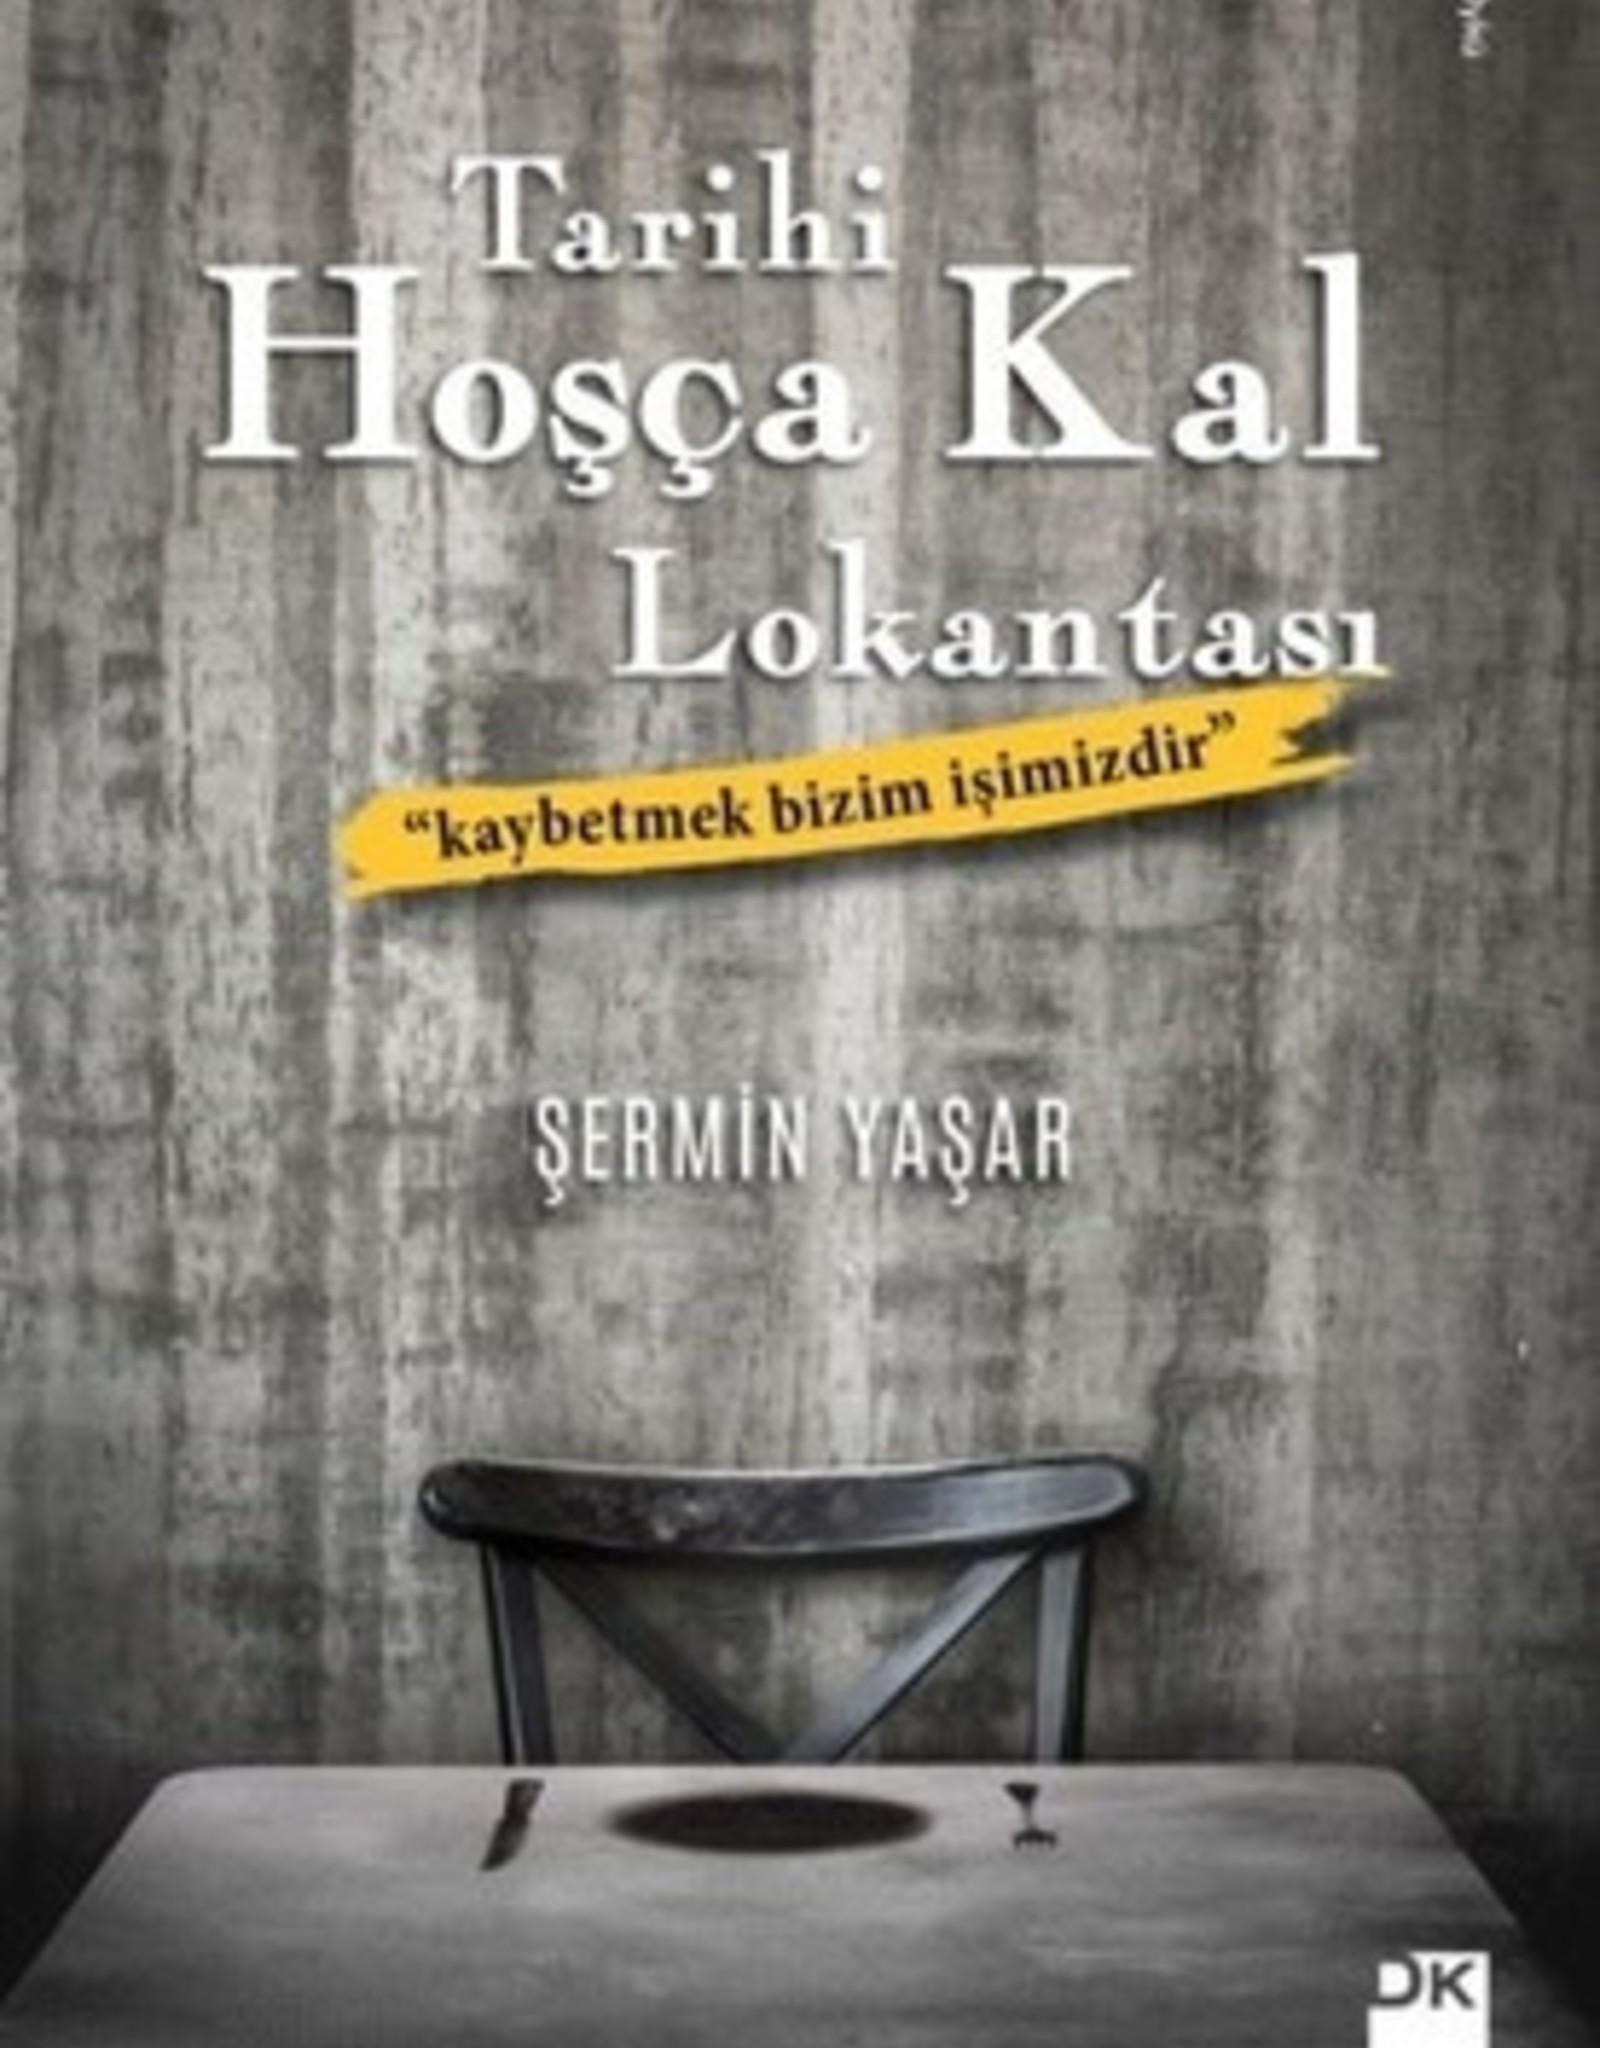 Tarihi Hoşça Kal Lokantası ''Kaybetmek bizim Işimizdir''